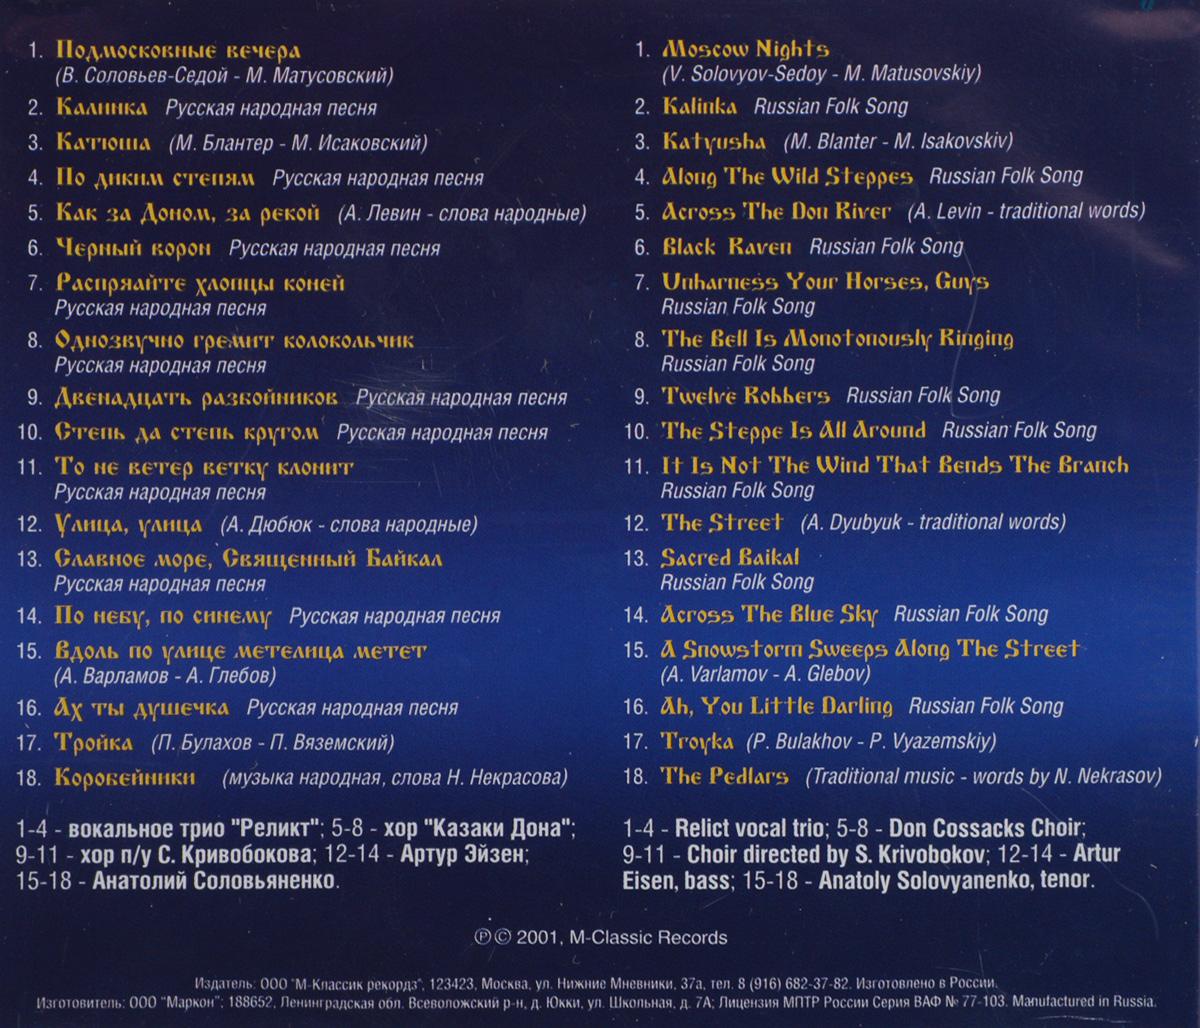 Подмосковные вечера M-Classic Records